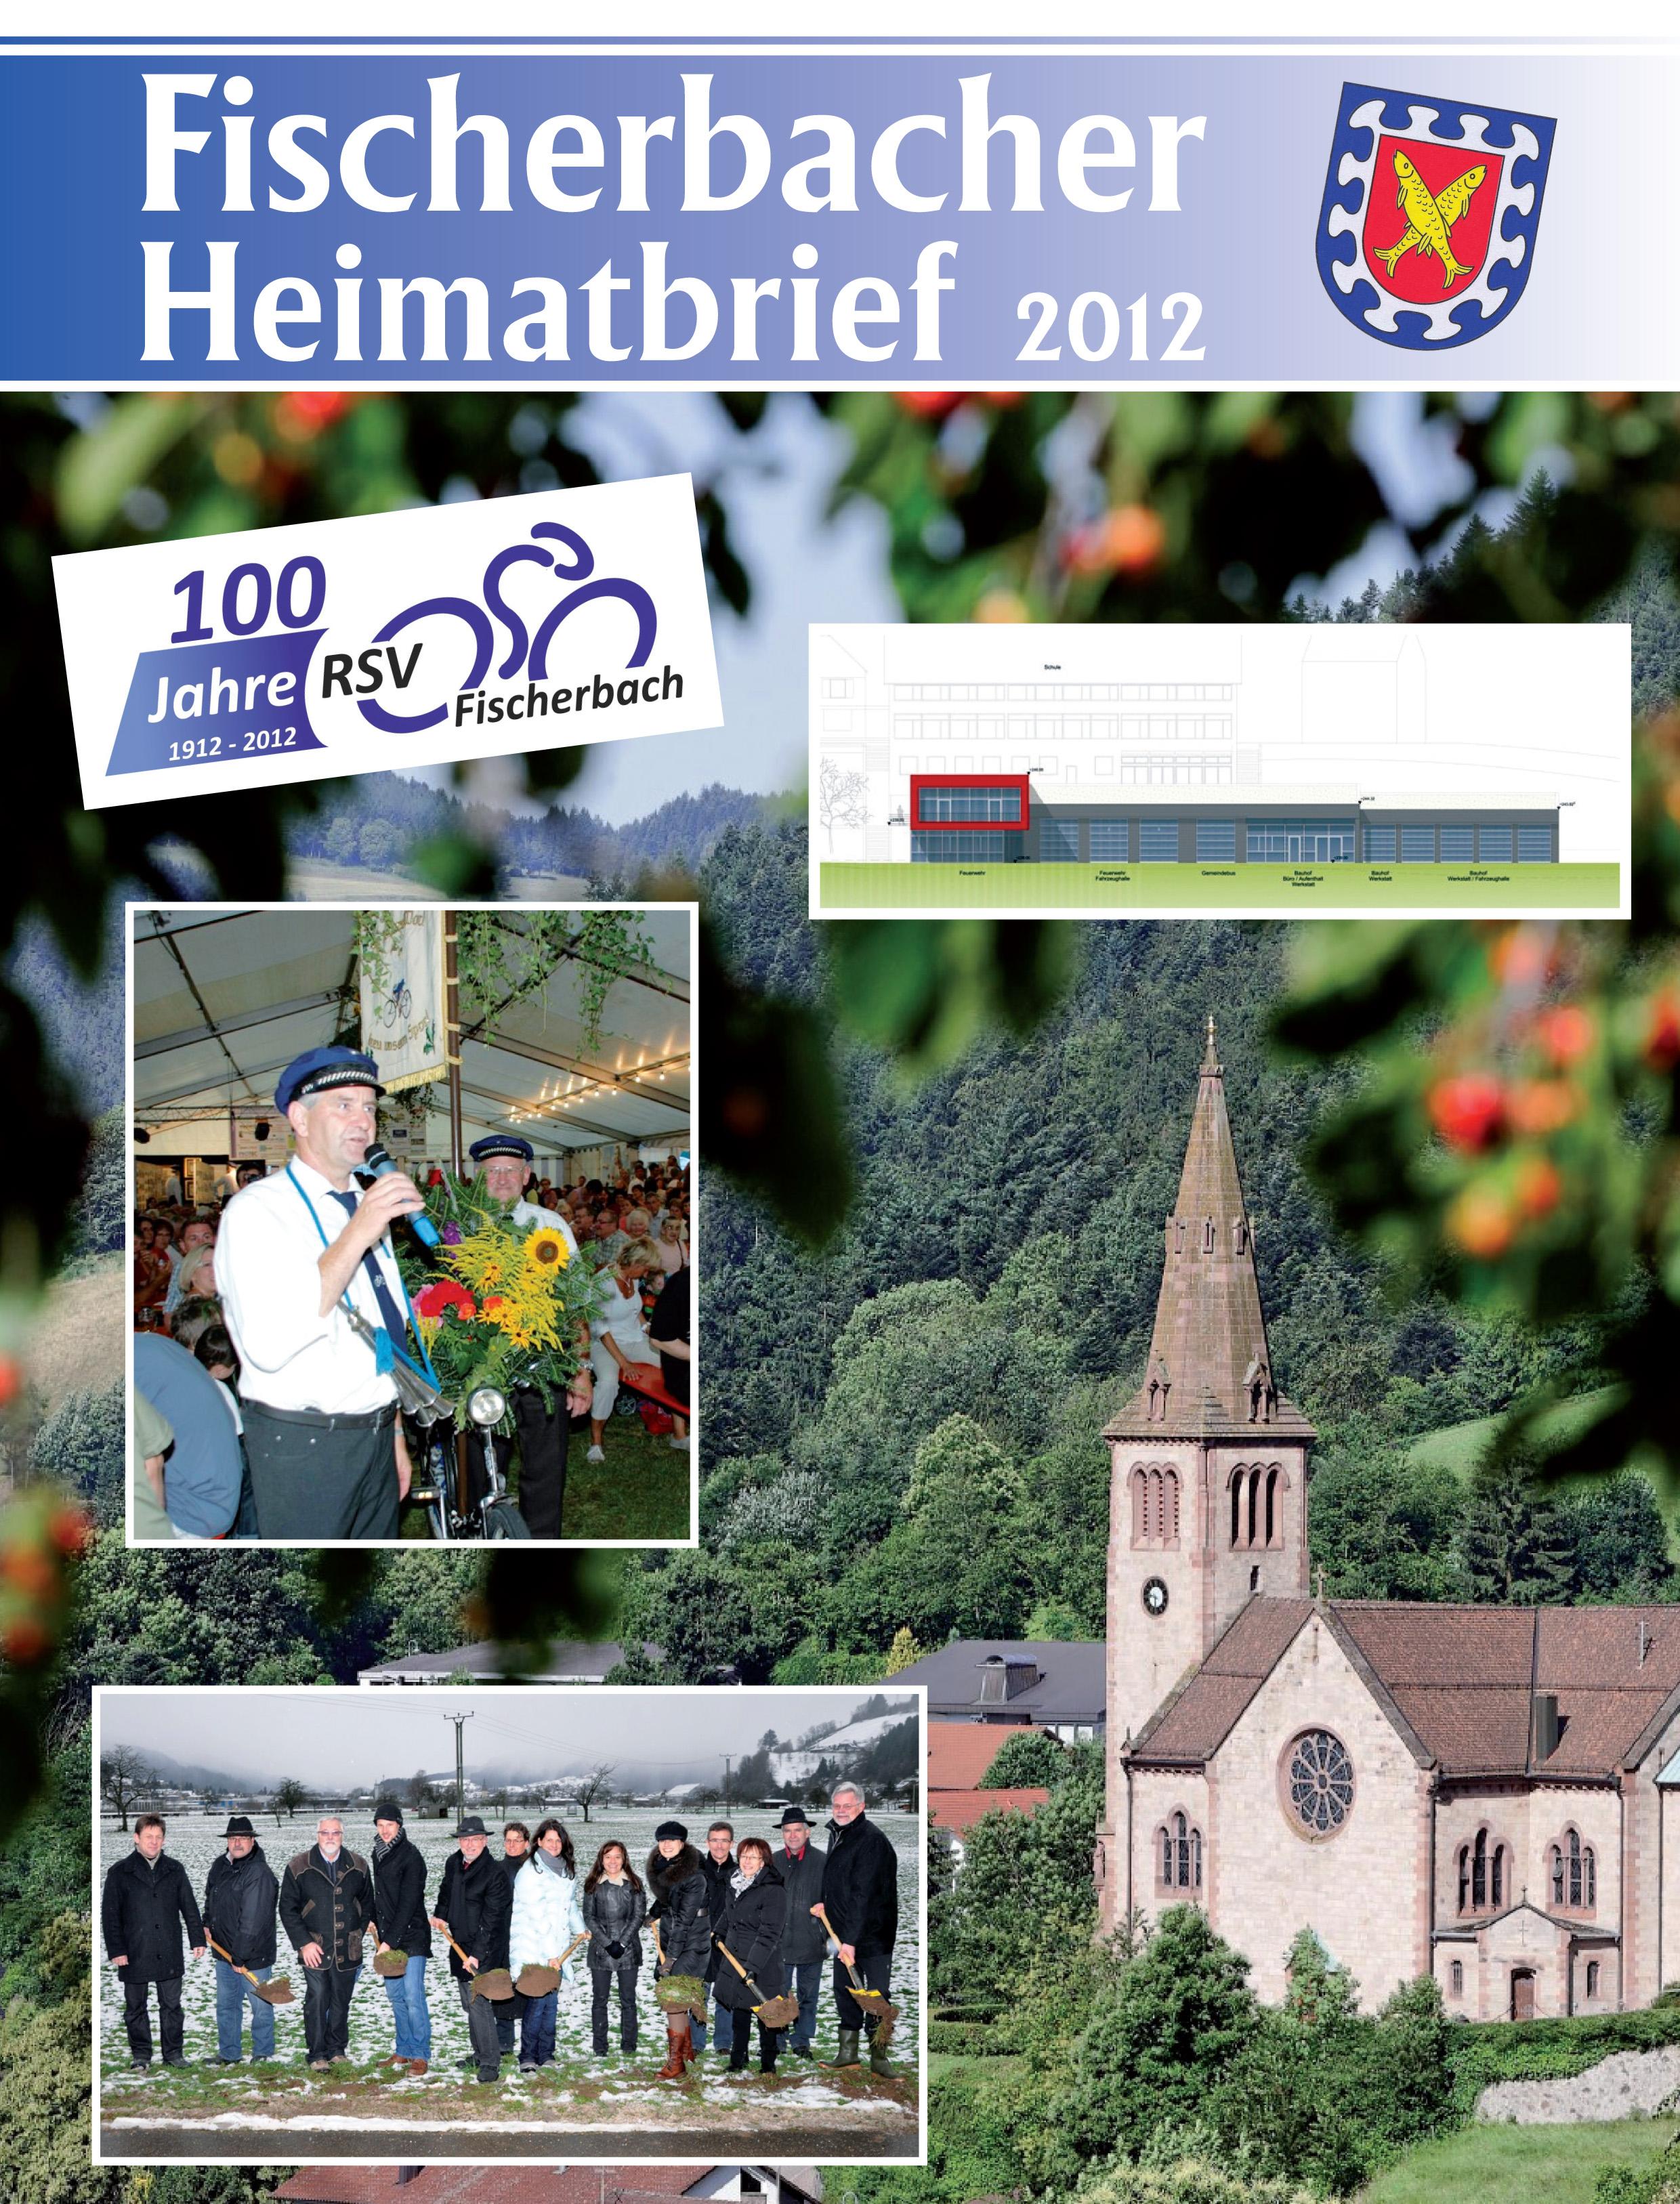 Heimatbrief_2012_Fischerbach_Titel